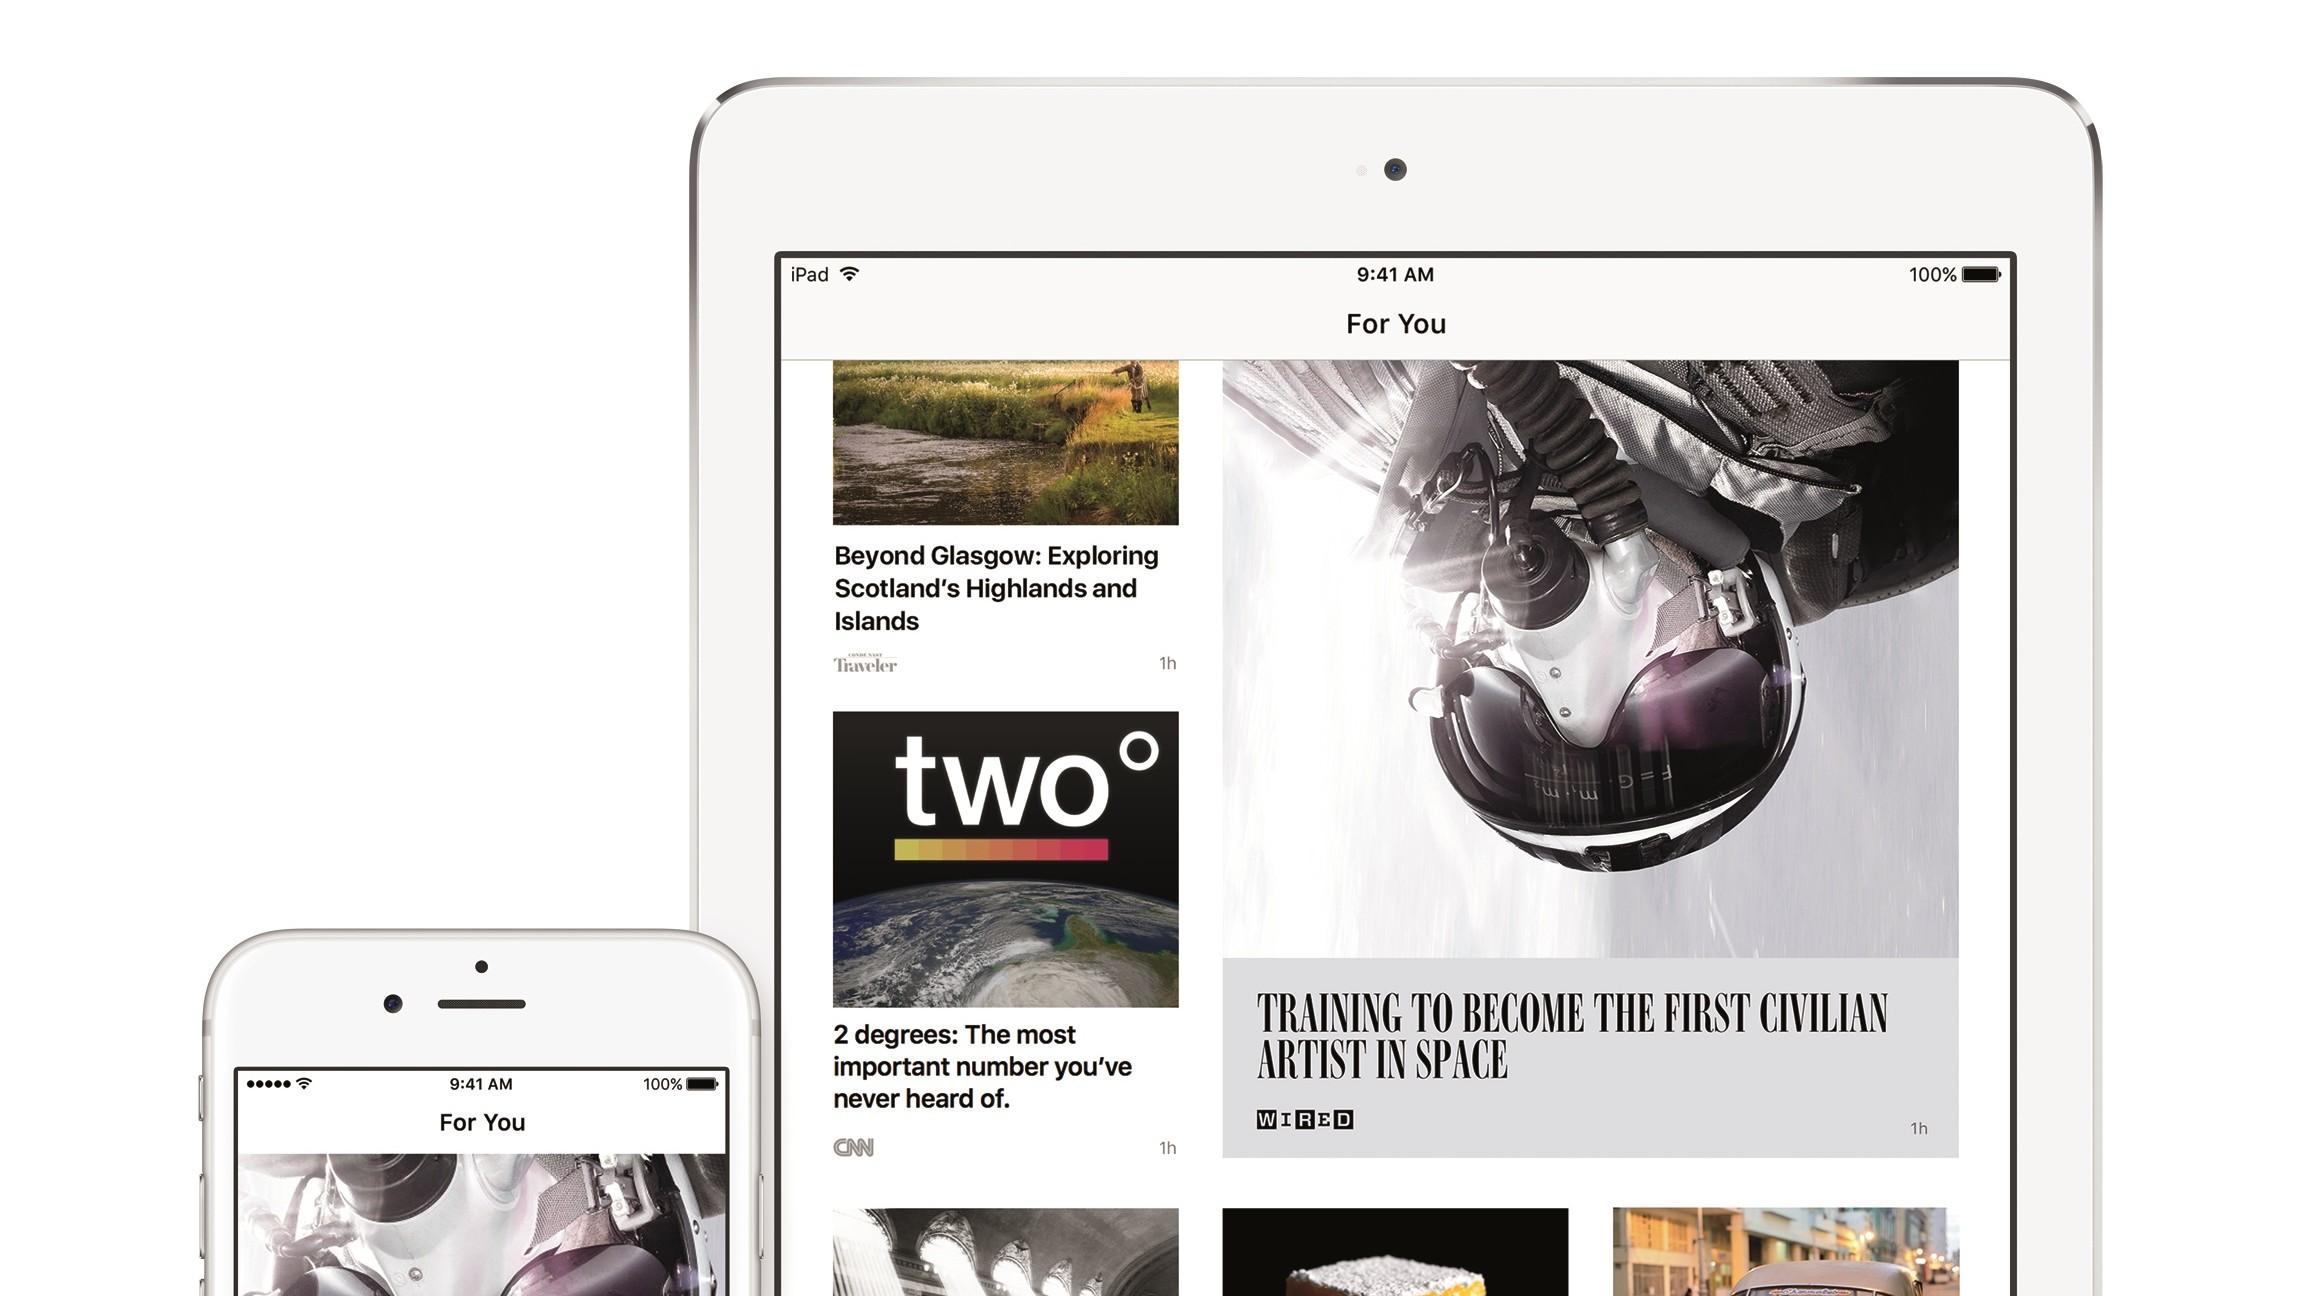 Netthandlerne foretrekker iOS-enheter når de handler.